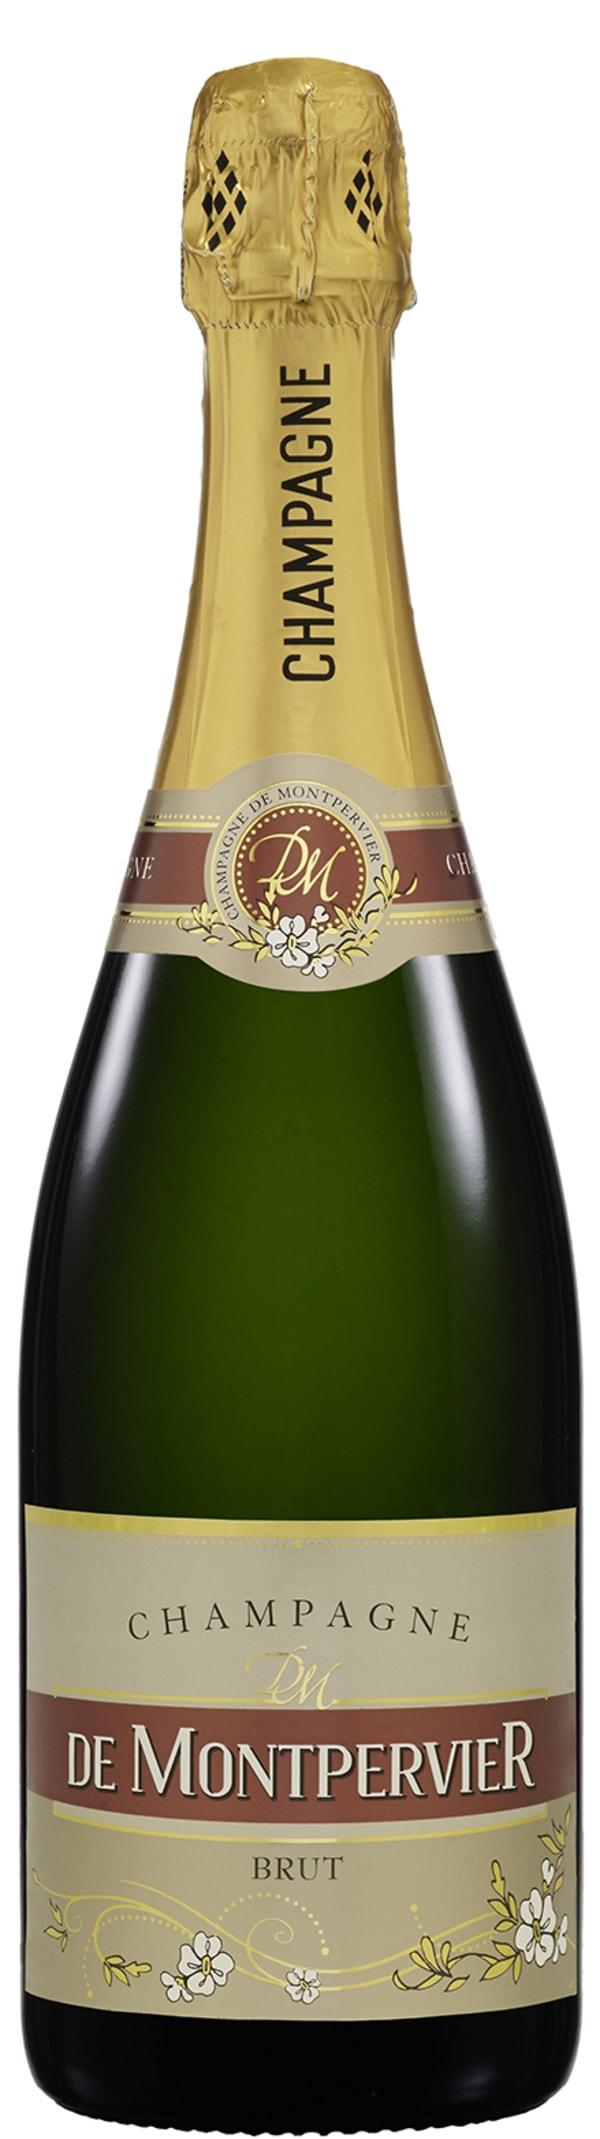 De Montpervier Champagne Brut